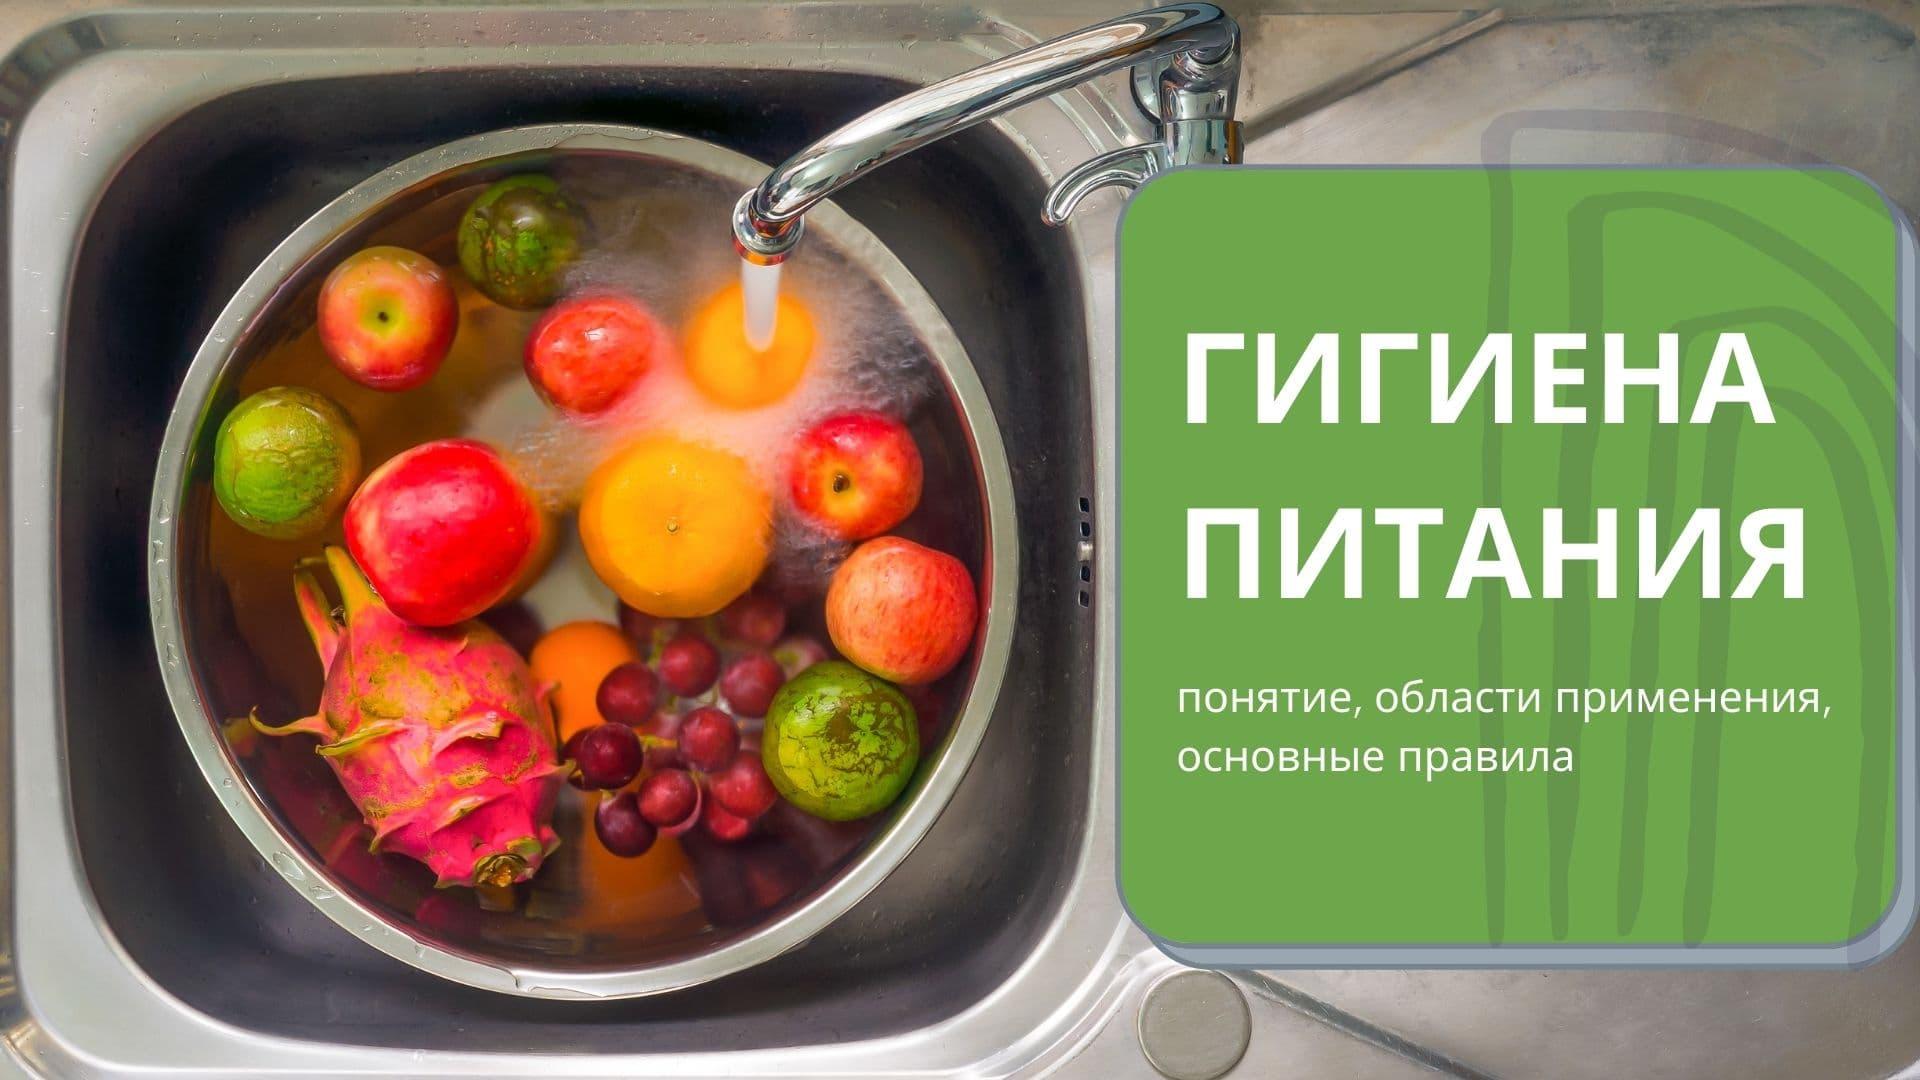 Гигиена питания: понятие, области применения, основные правила